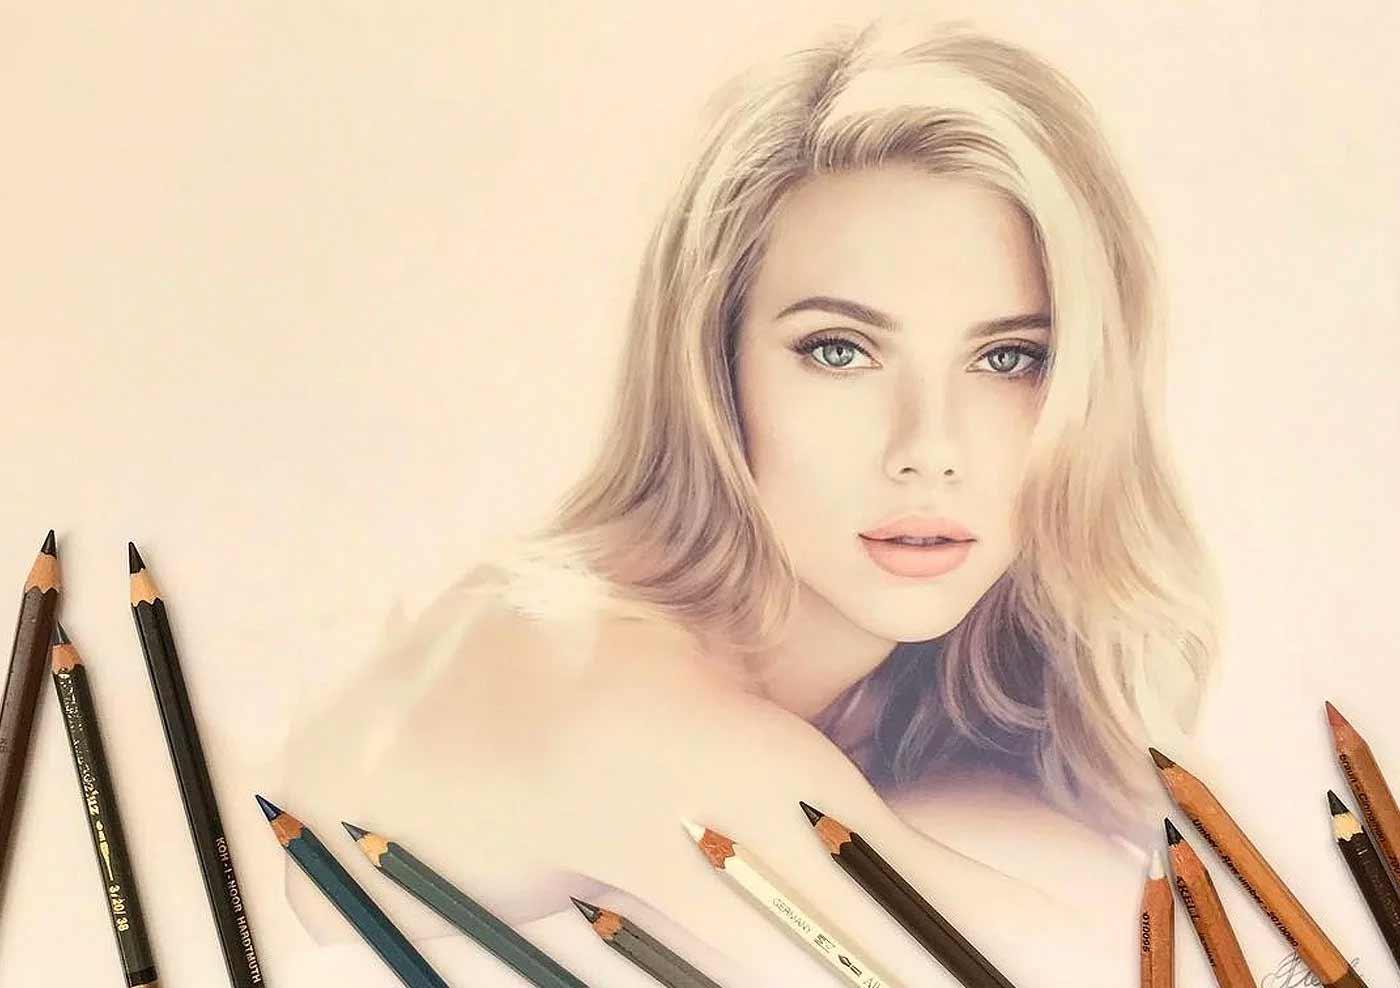 Zeichnungen: Alena Litvin Alena-Livtin-zeichnungen_01